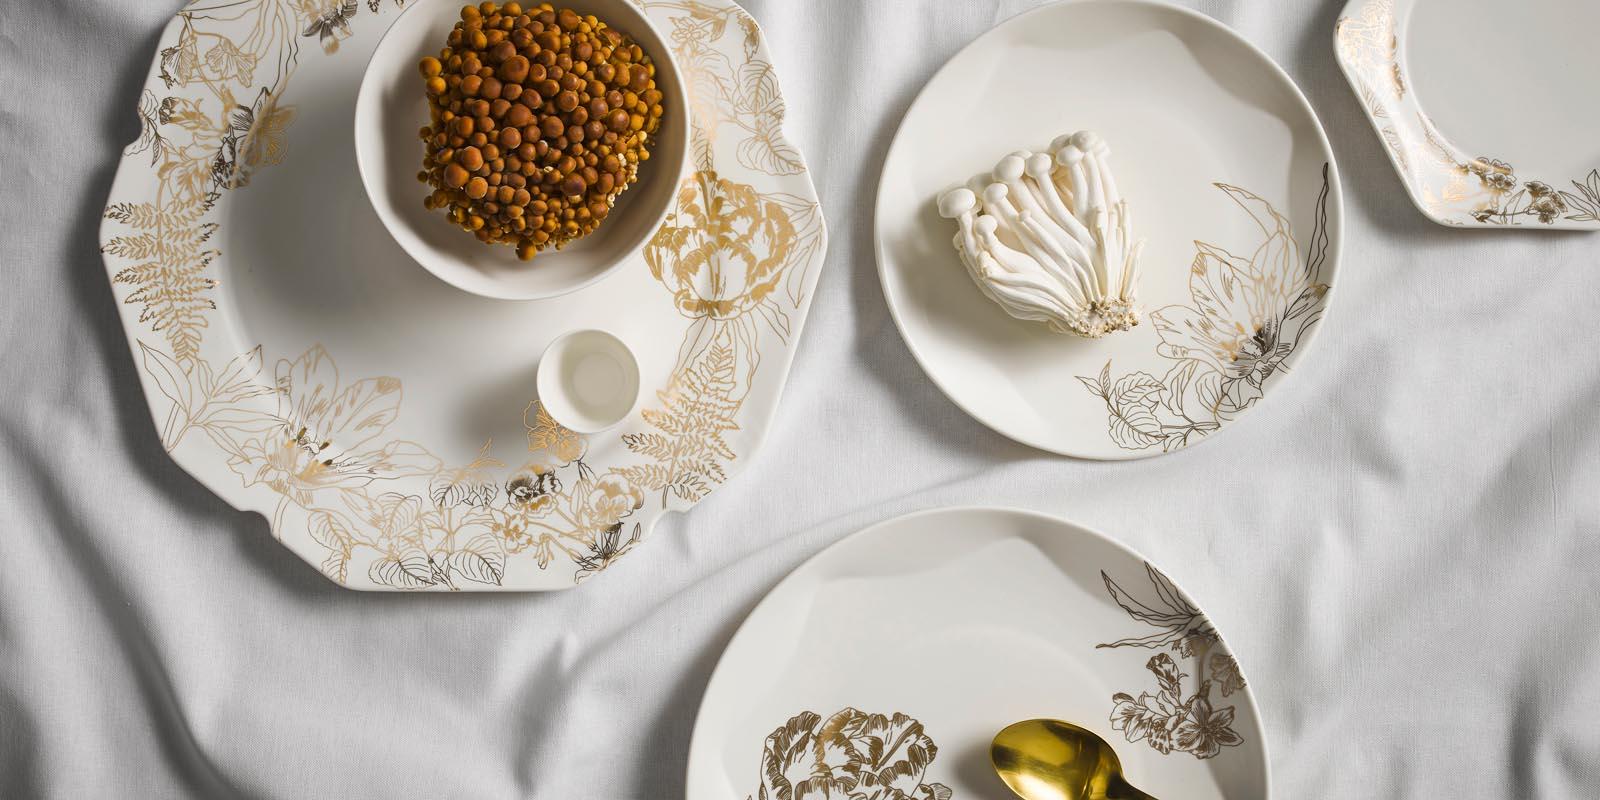 Masterpiece Servies Off White